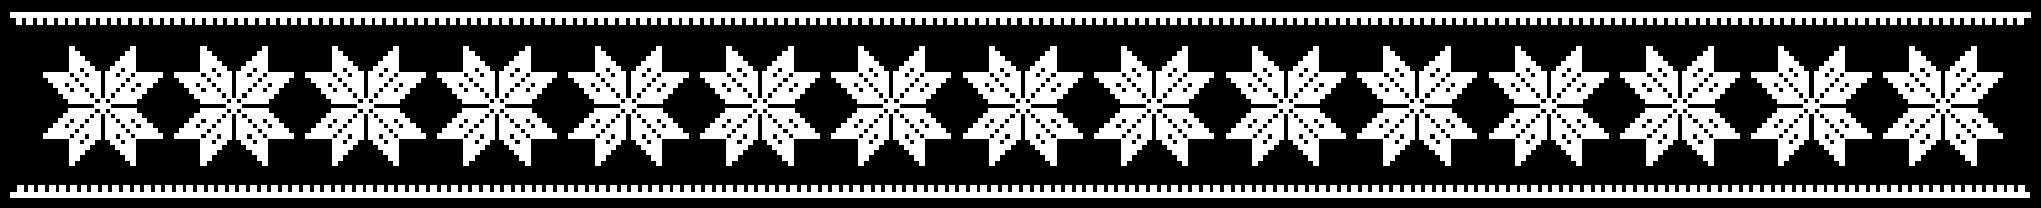 christmaslogopattern1